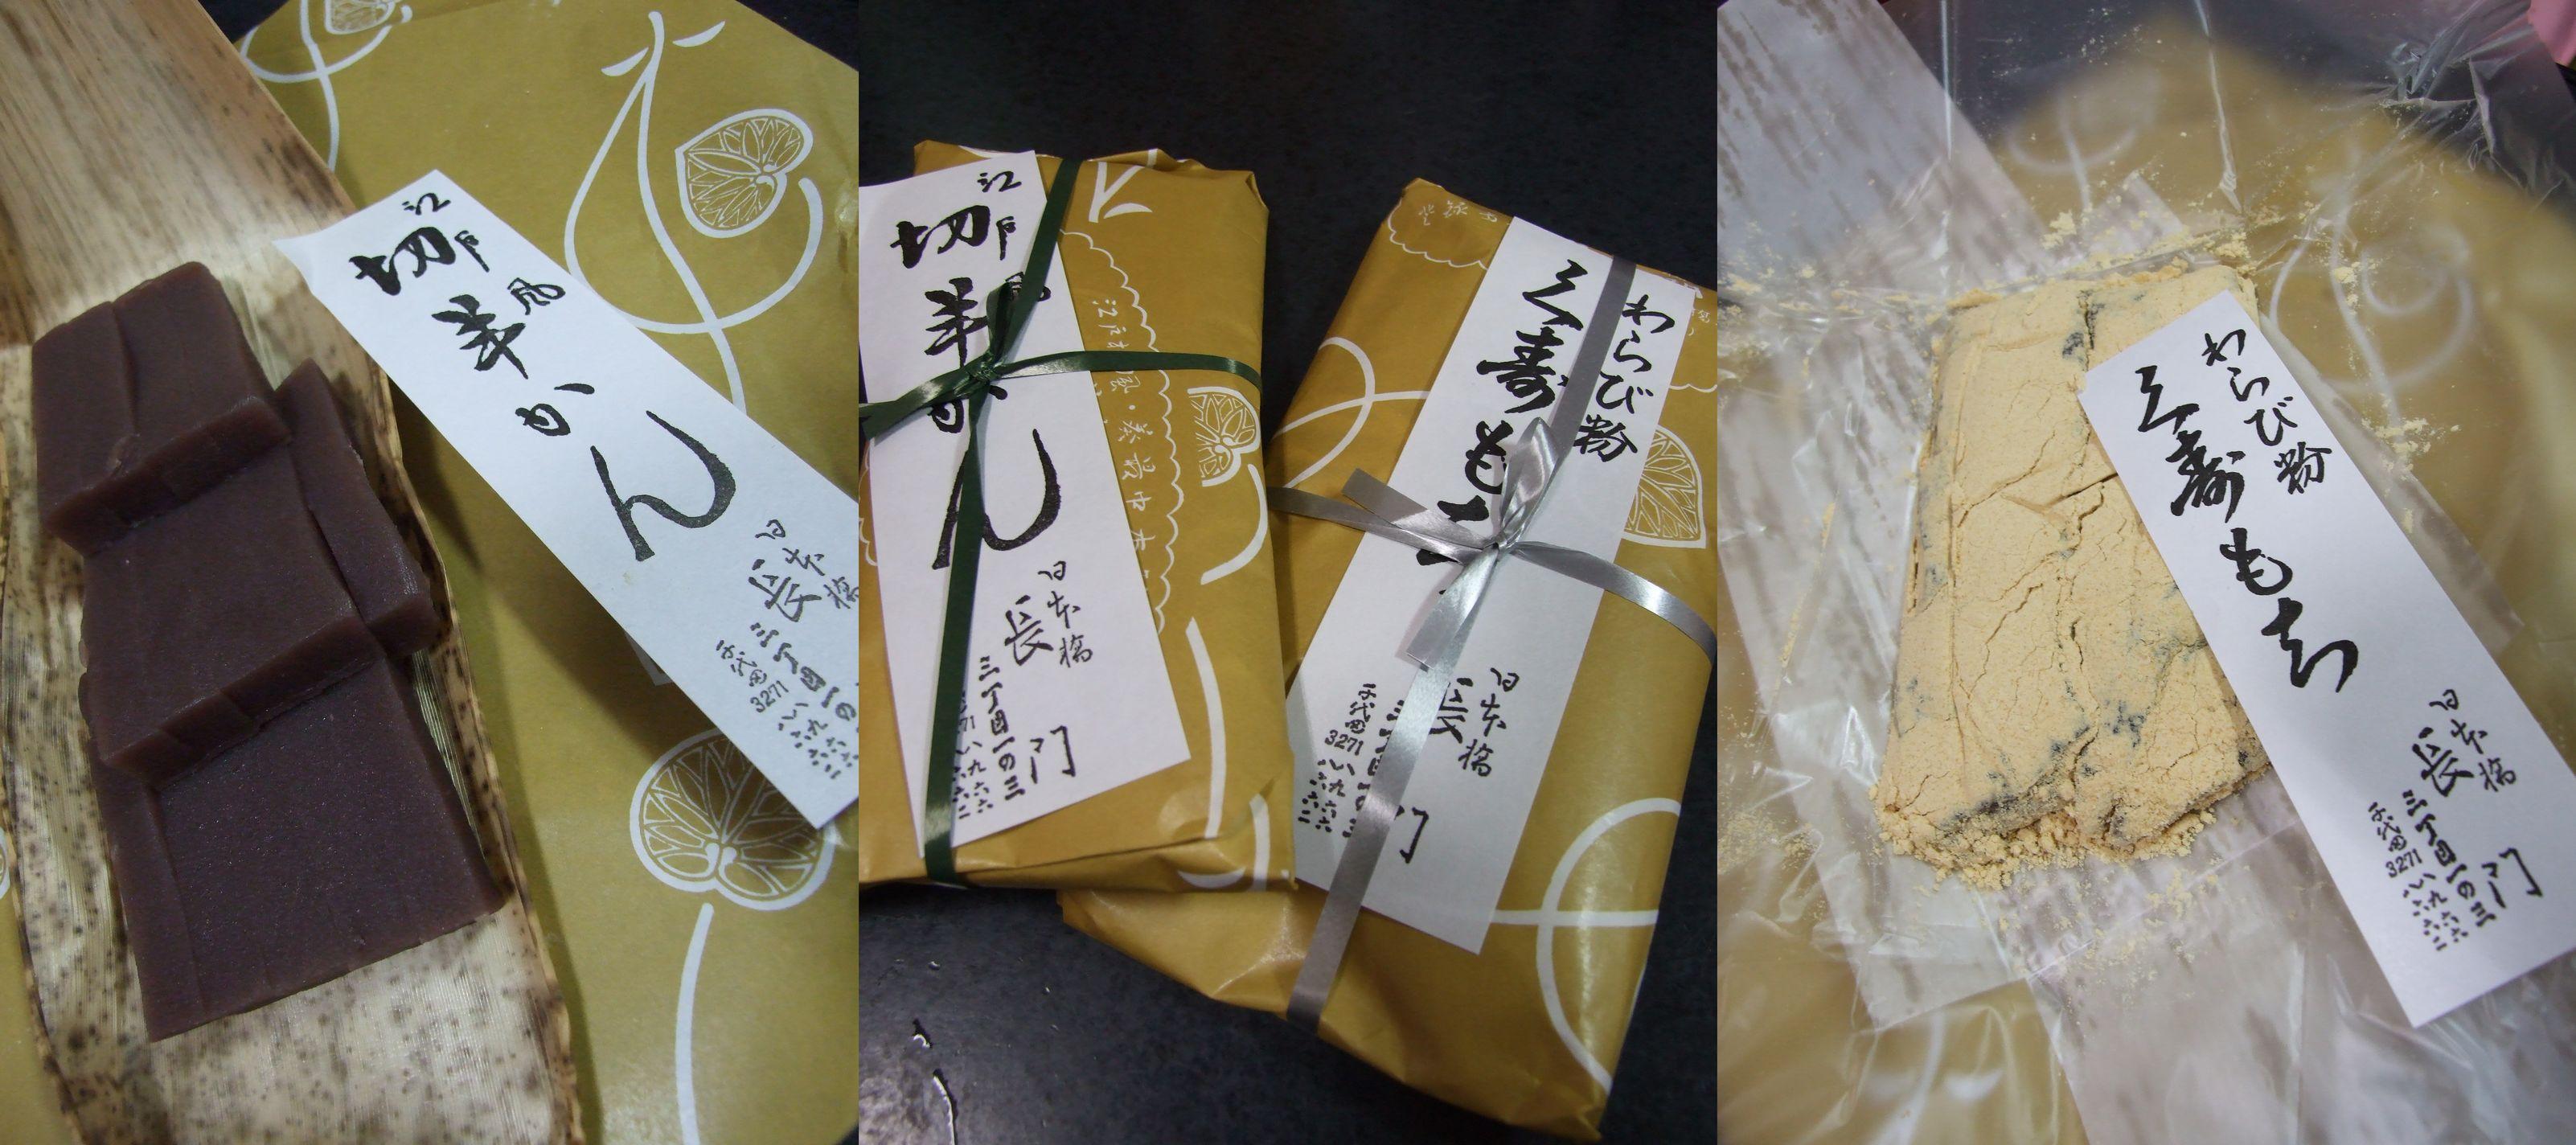 お土産シリーズ(日本橋) 切り羊羹と葛餅(わらび餅)